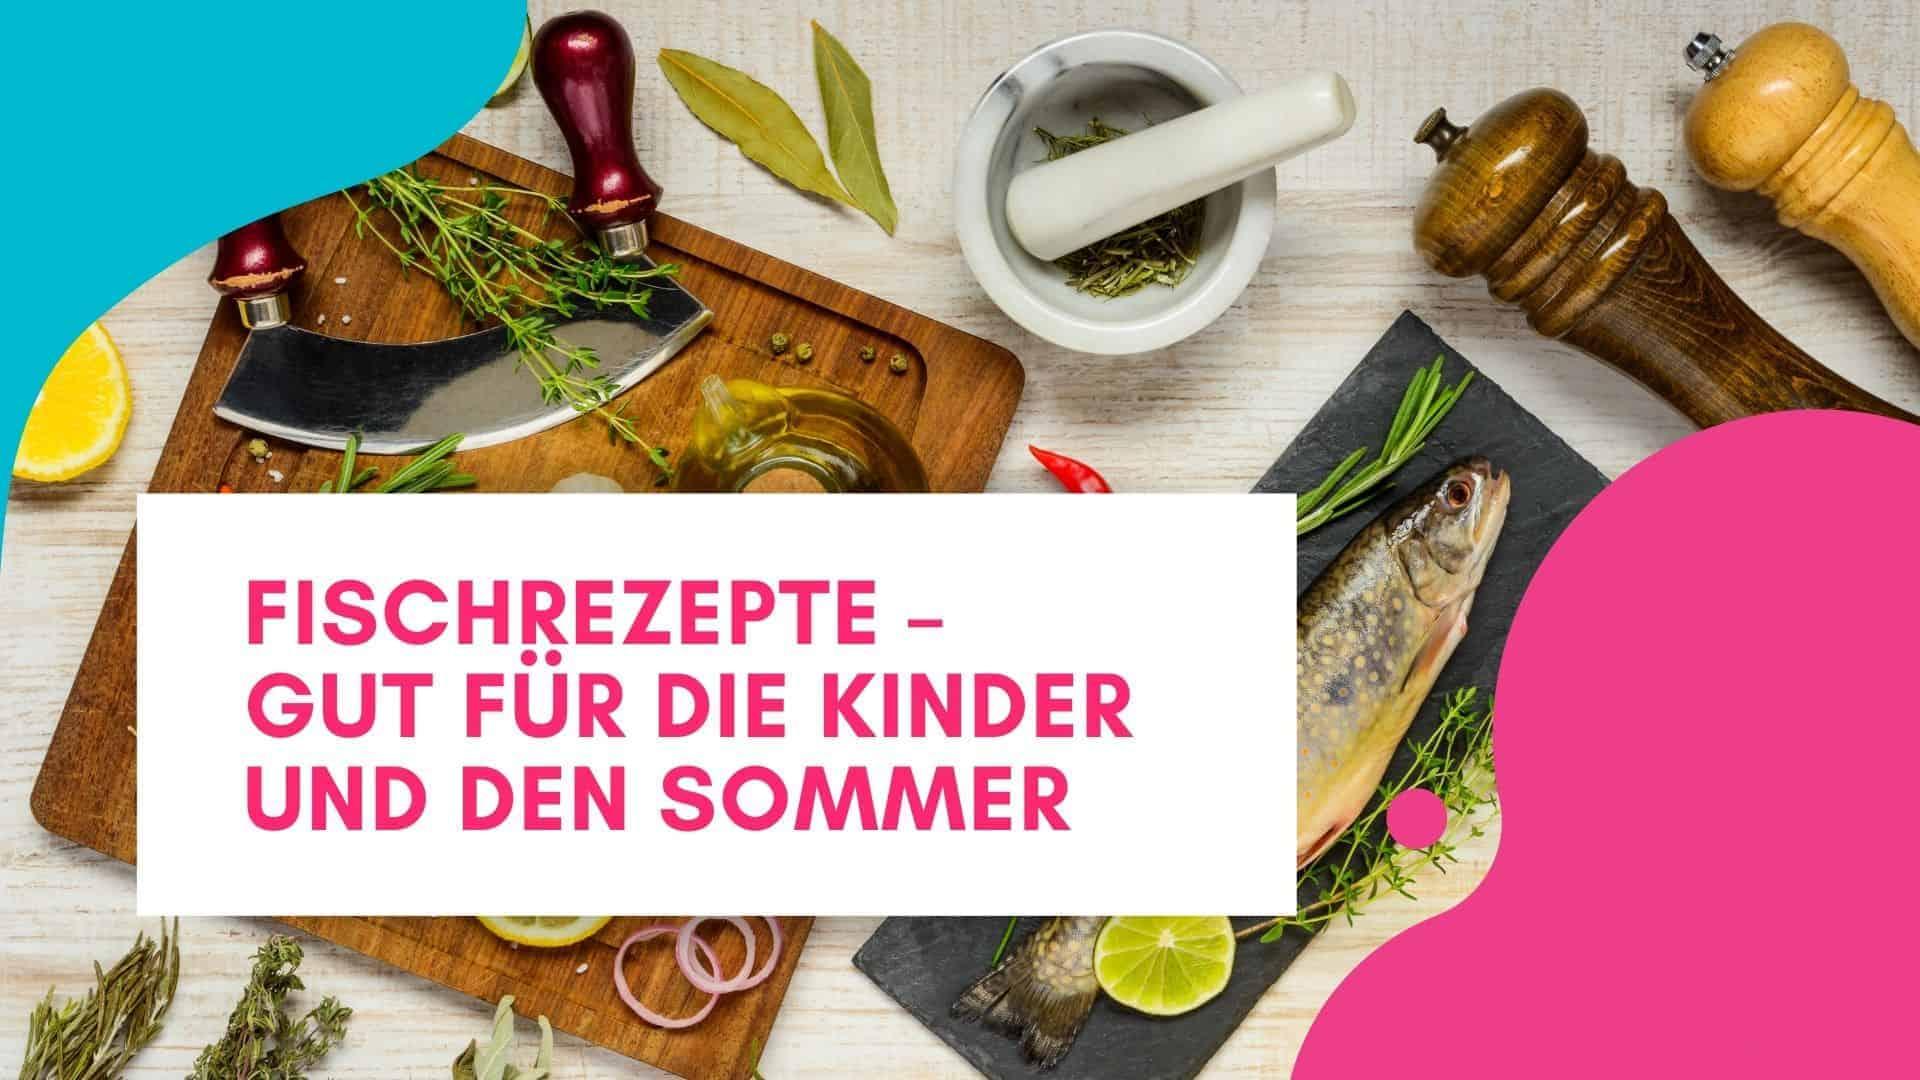 Fischrezepte – gut für die Kinder und den Sommer